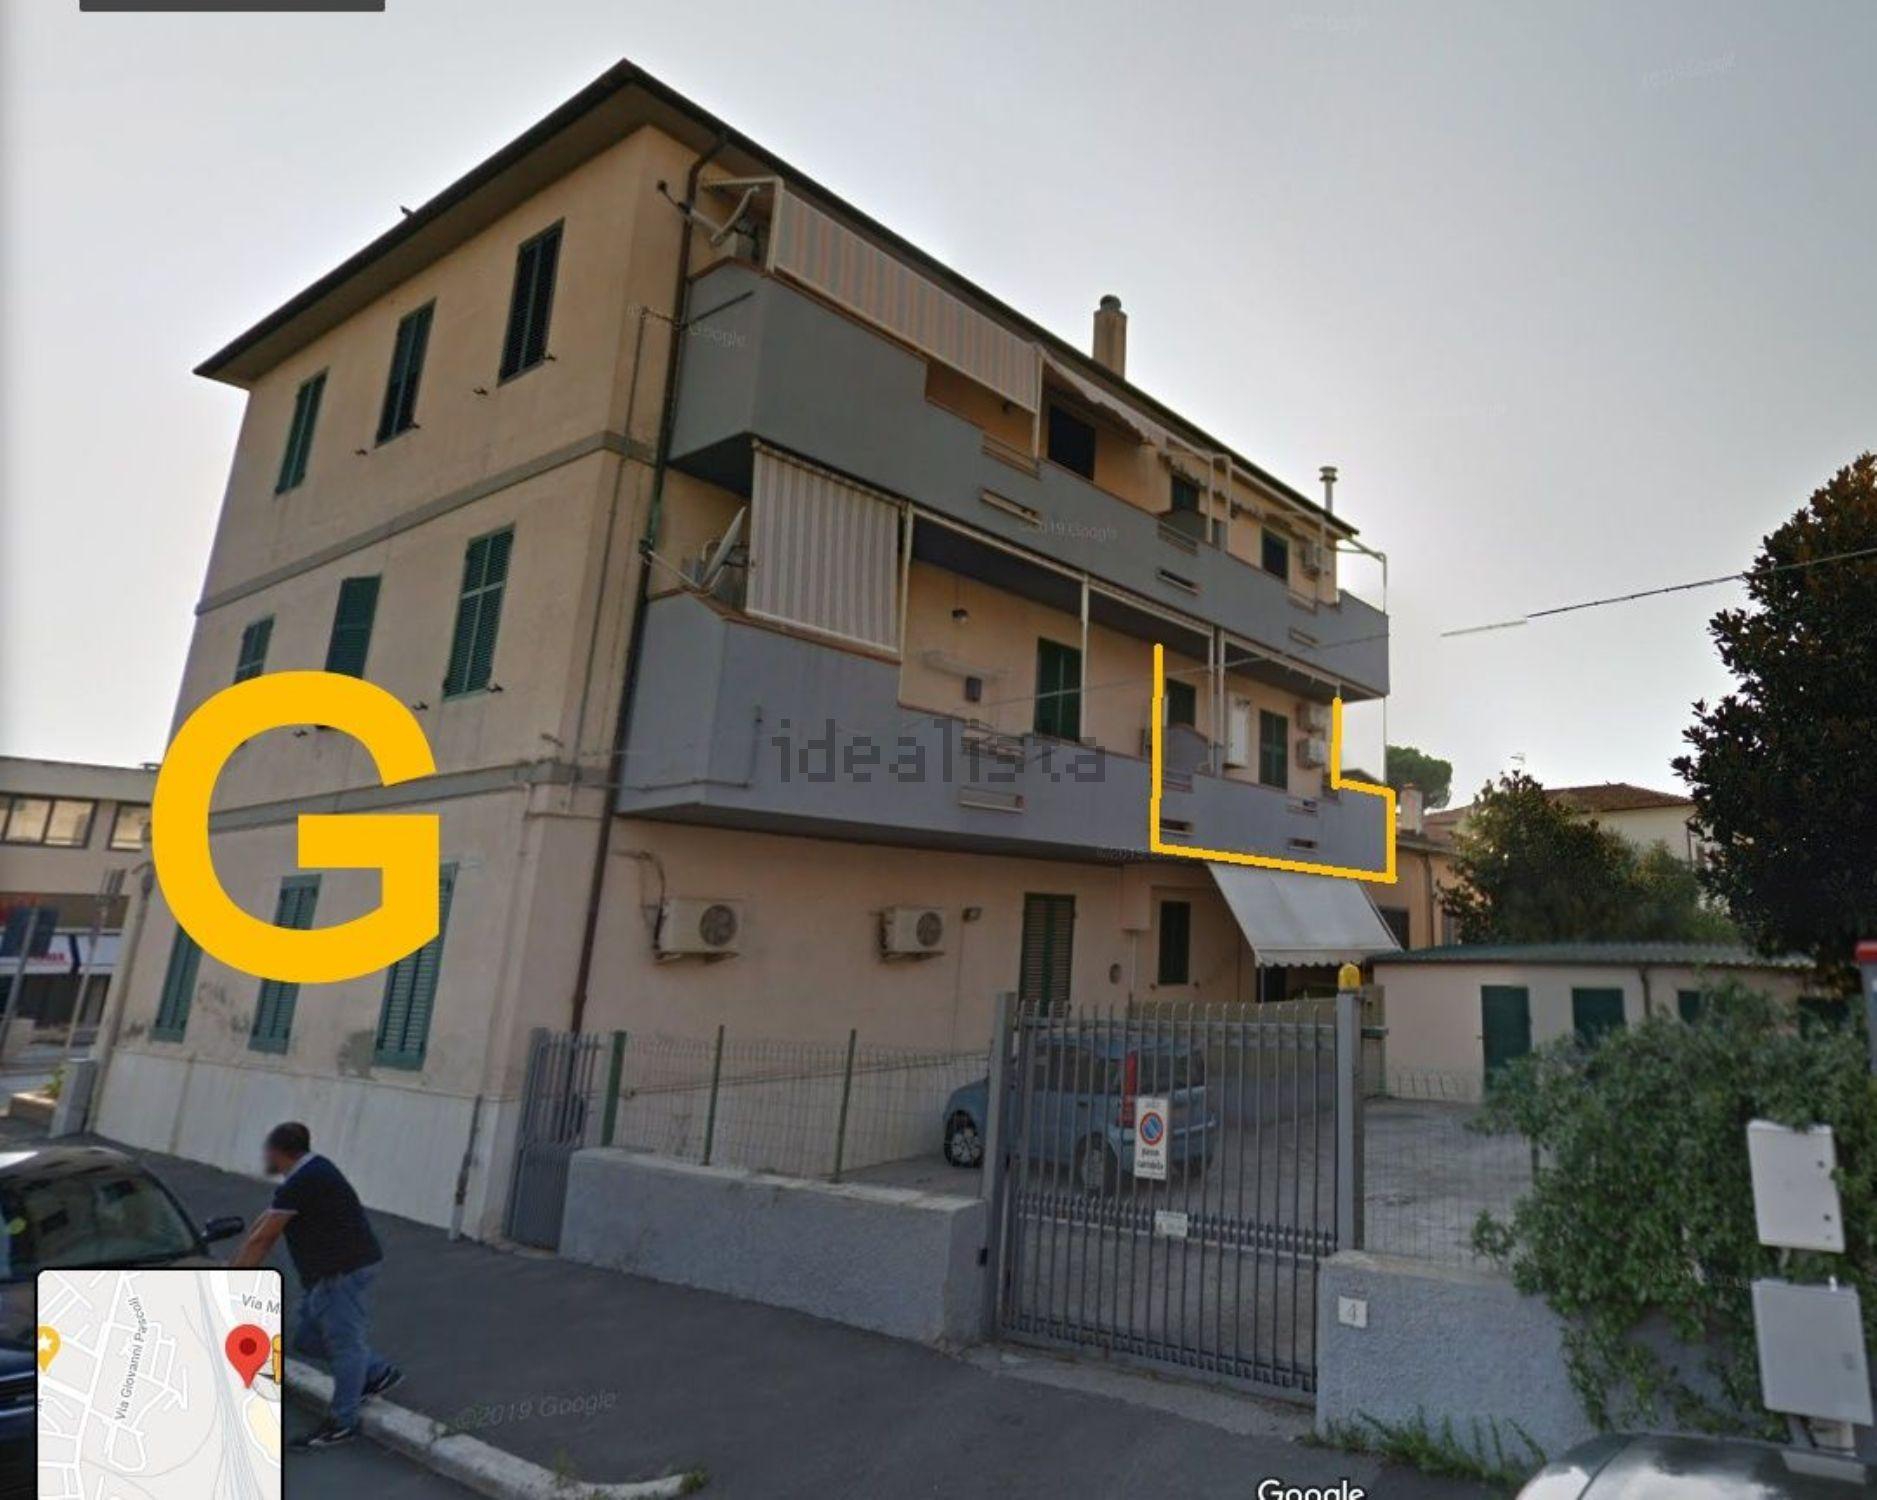 Vista-trilocale-vendita-Grosseto-via-Aurelia-Nord::Grosseto Invest:: case e appartamenti vendita Grosseto